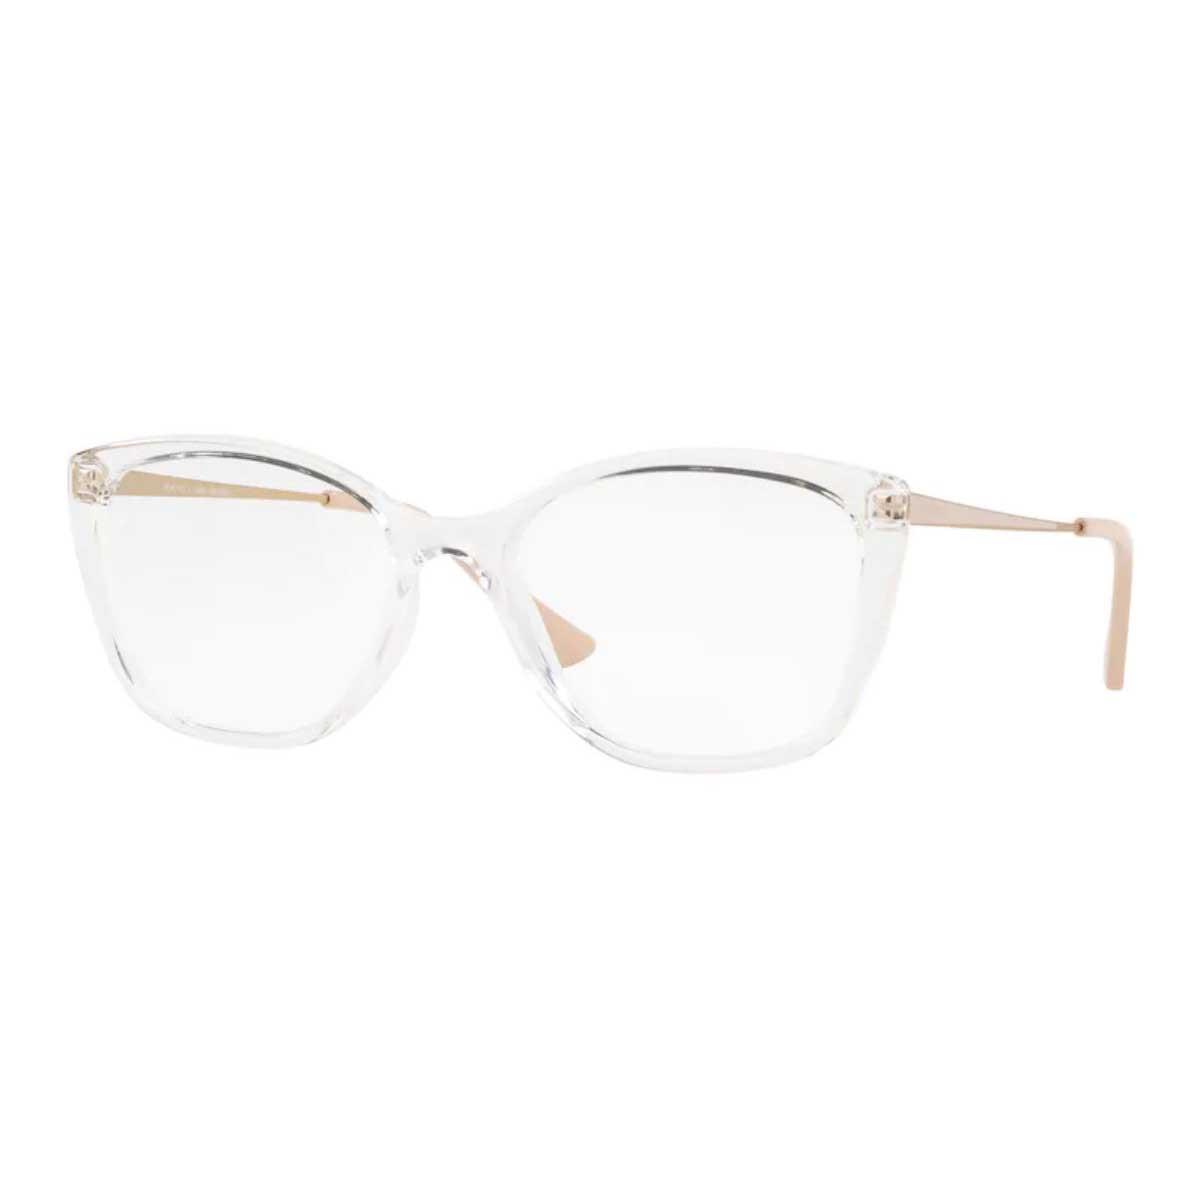 Óculos de Grau Feminino Platini P93161 Transparente Gatinho